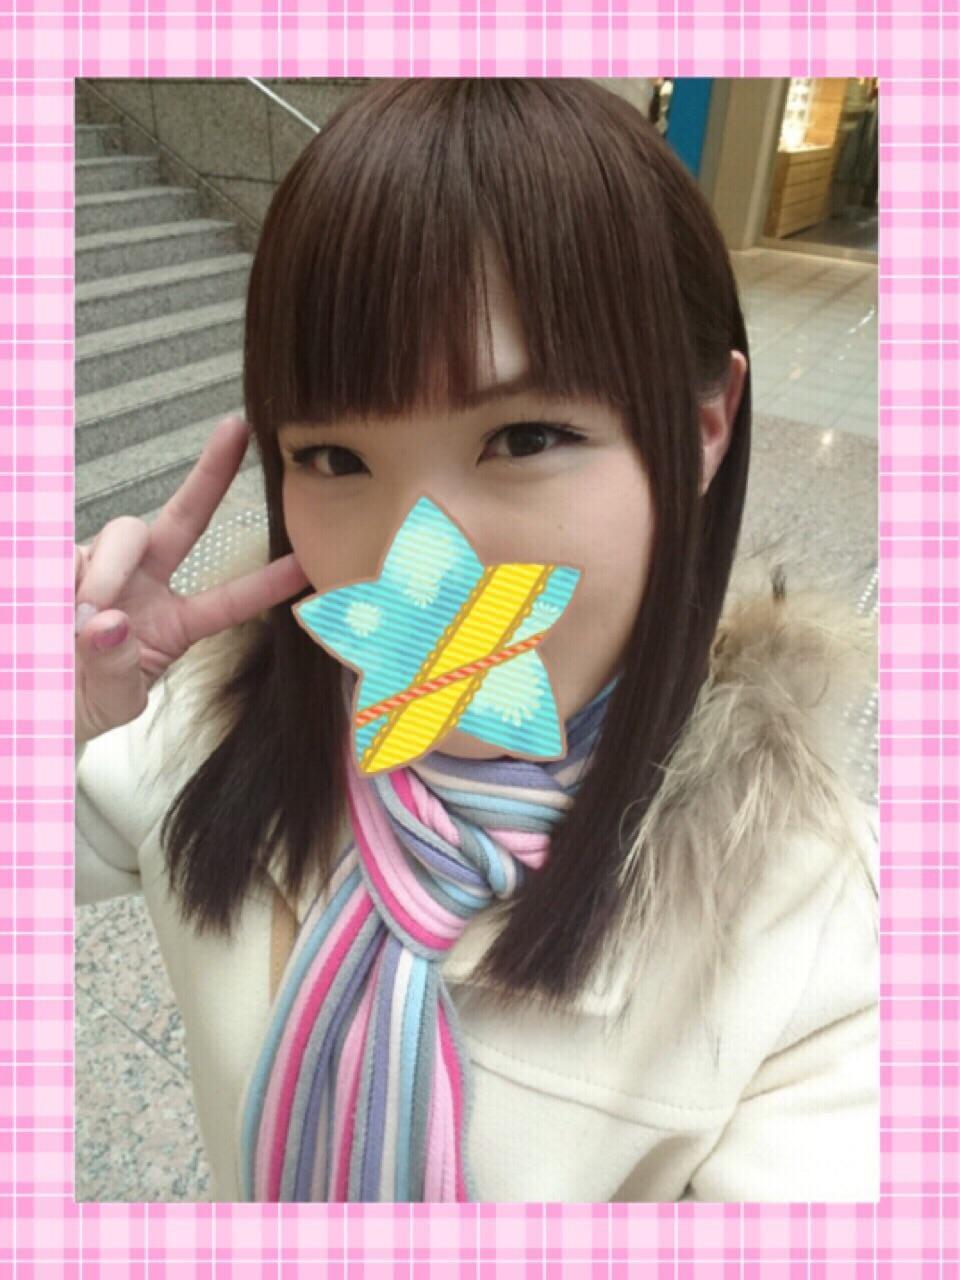 成宮「な♪♪な〜♪な♪♪♪ゅゅるる?(*´?`* )??」12/19(水) 09:08 | 成宮の写メ・風俗動画